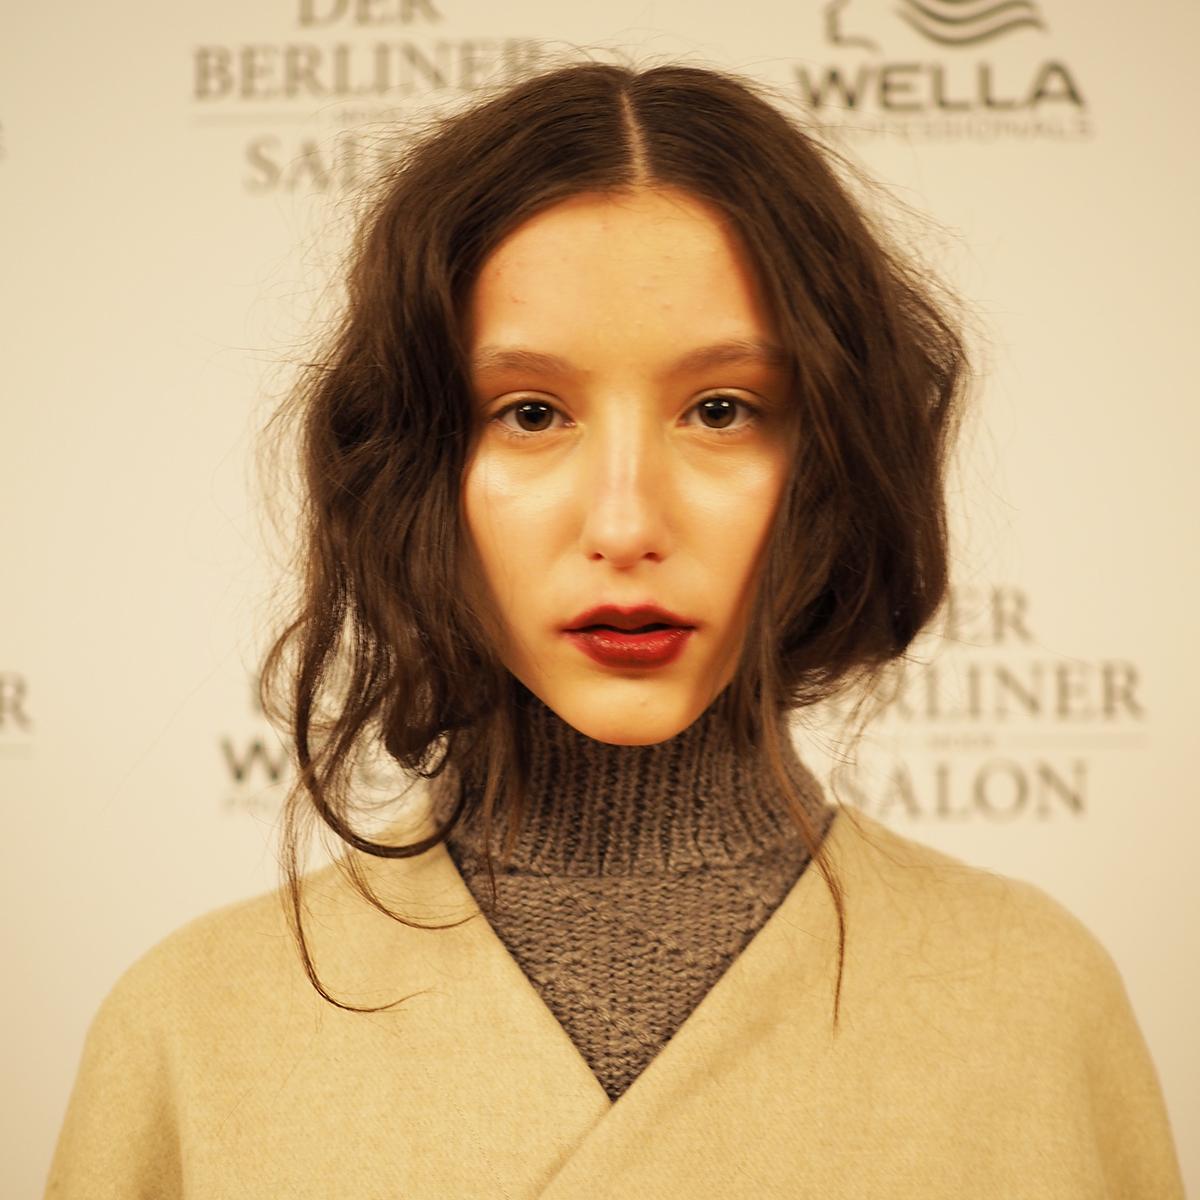 Dawid Tomaszewski / Fashionweek Berlin / Foxycheeks